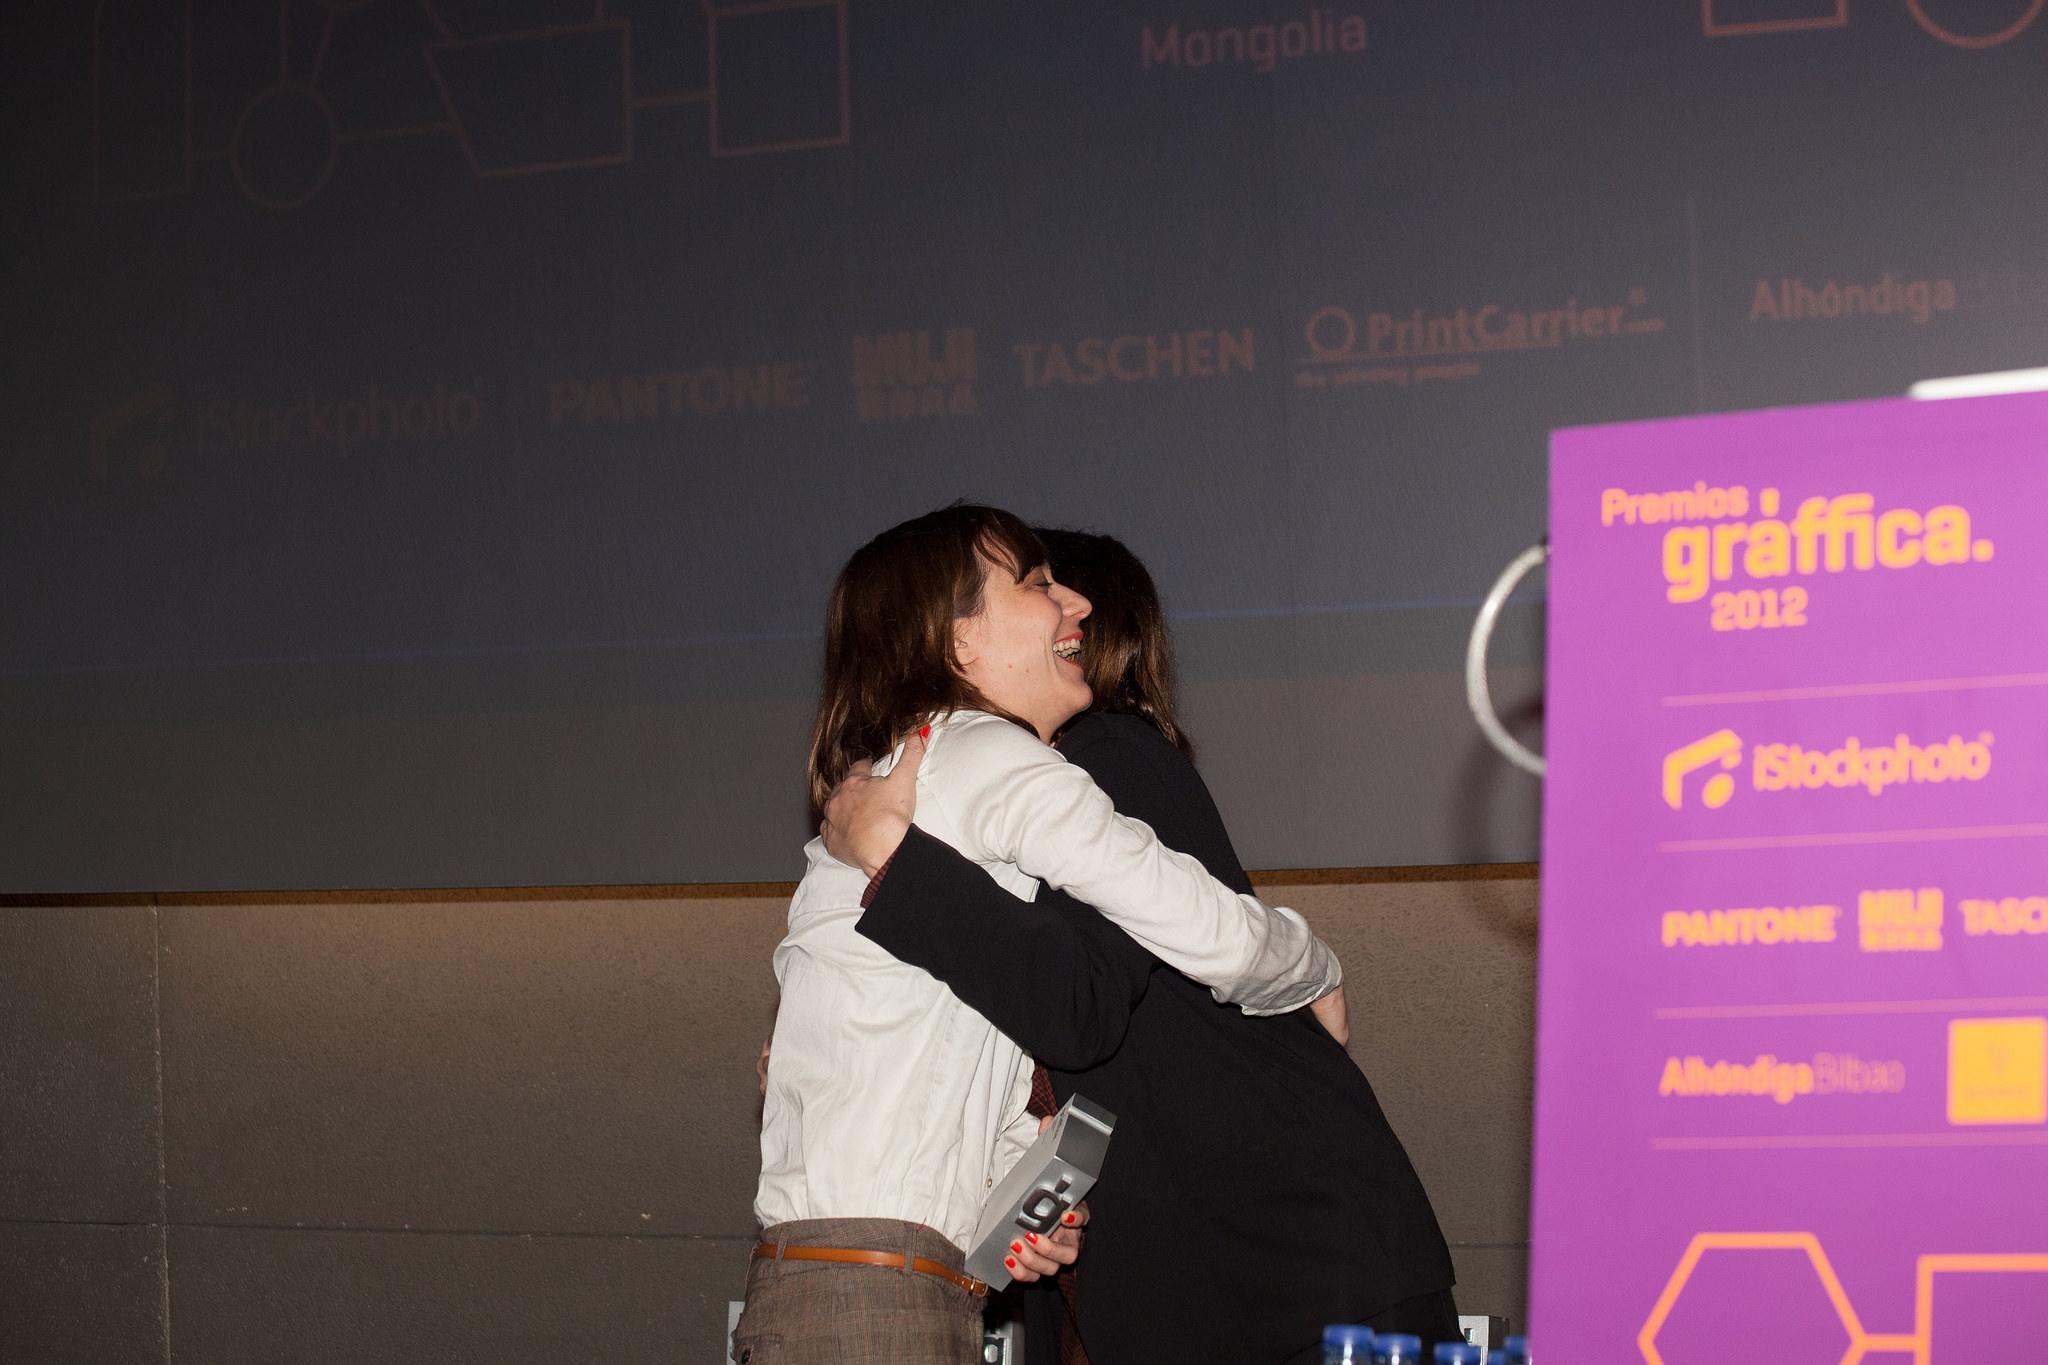 Marta Cerdà - Premios Gràffica 2012 Bilbao